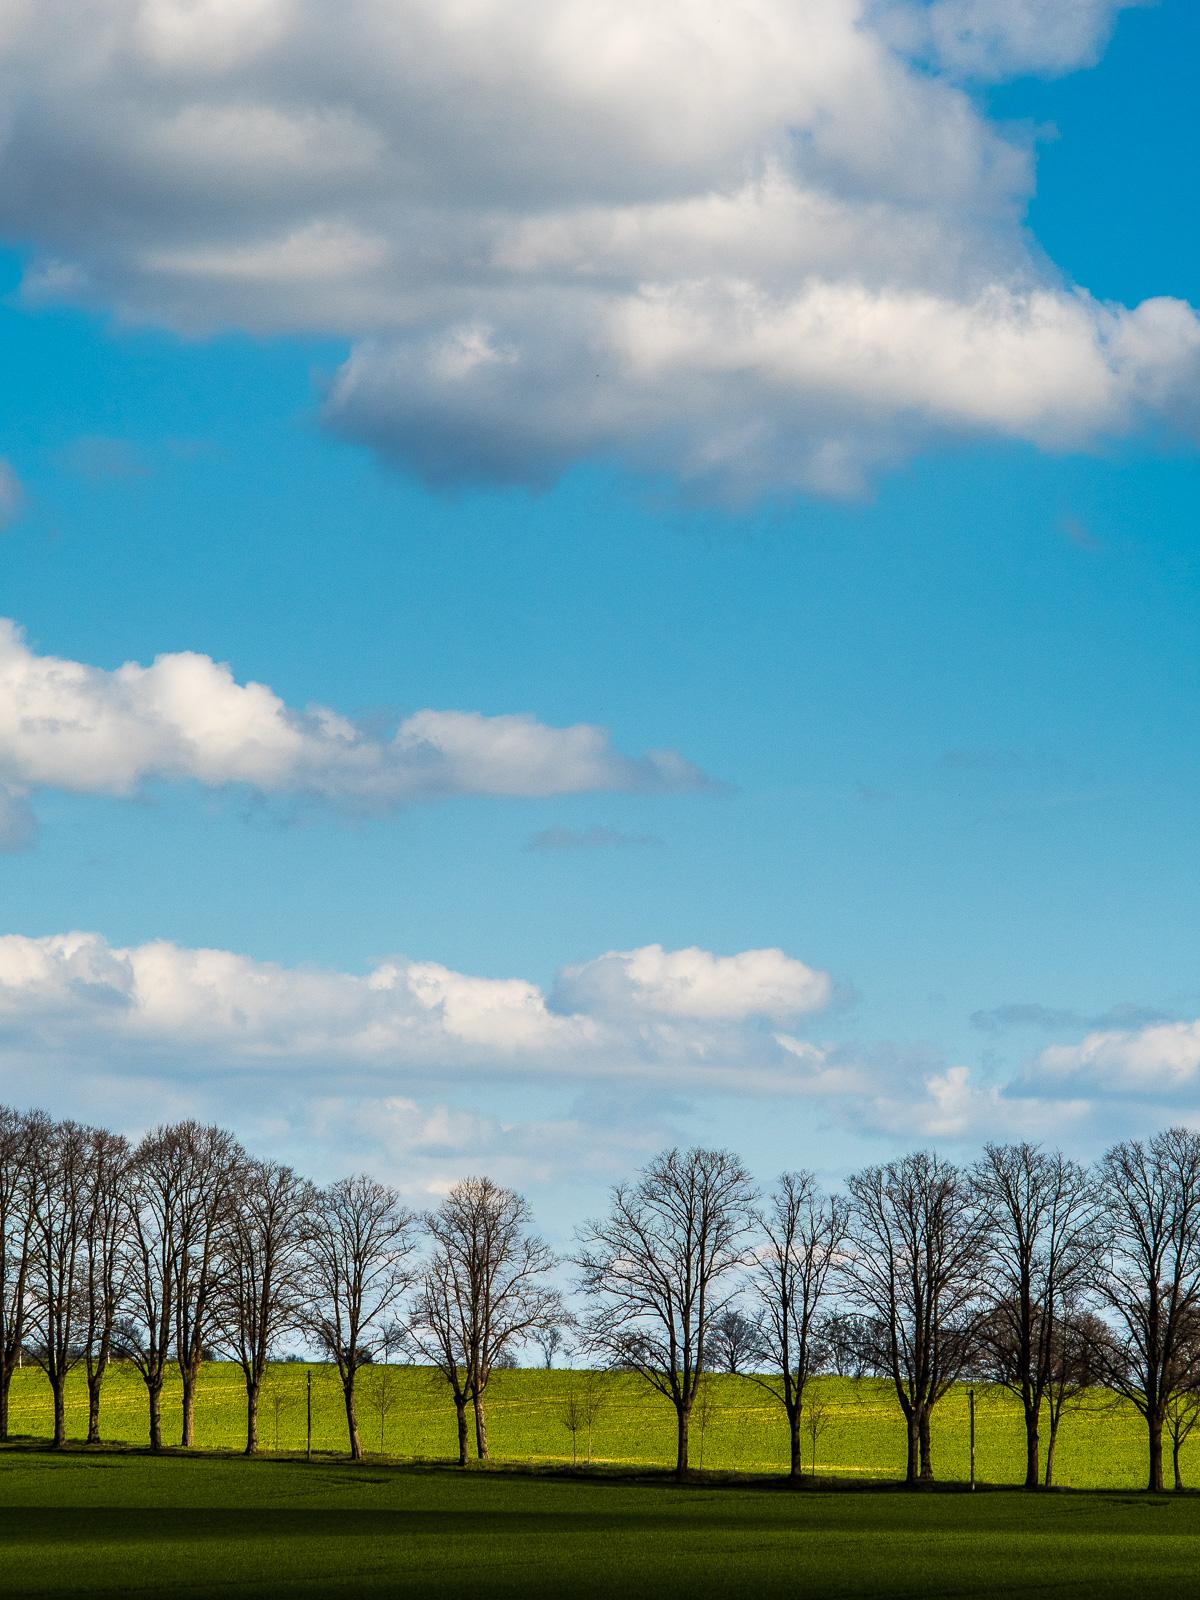 Baumreihe in grünem Feld, blauer Himmel mit Schäfchenwolken darüber